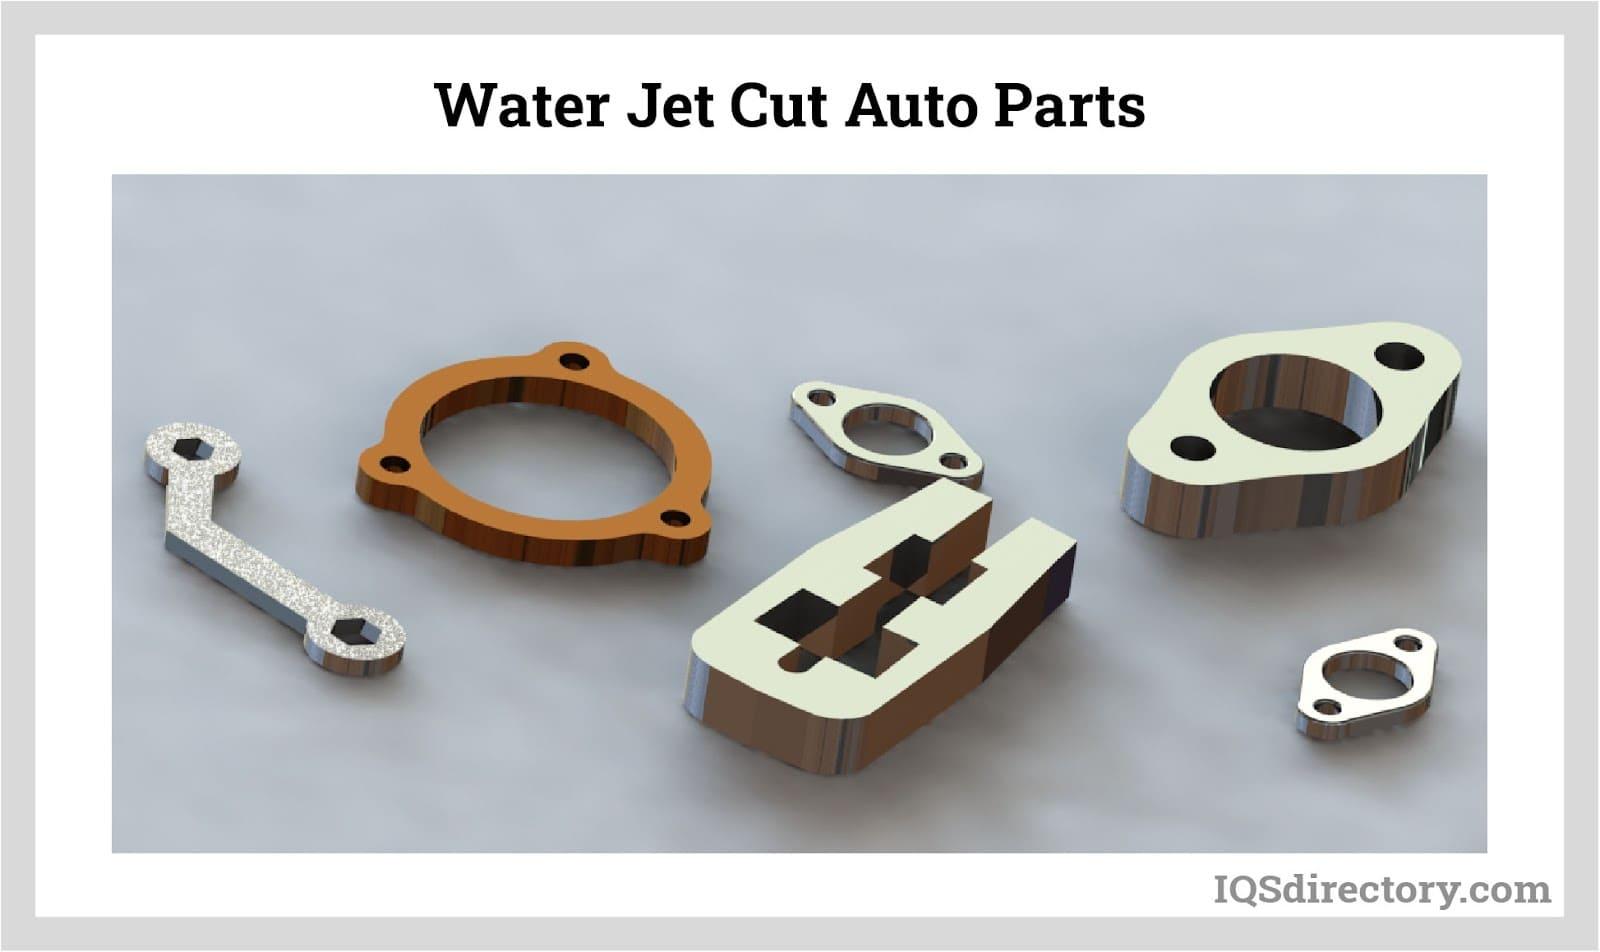 Water Jet Cut Auto Parts